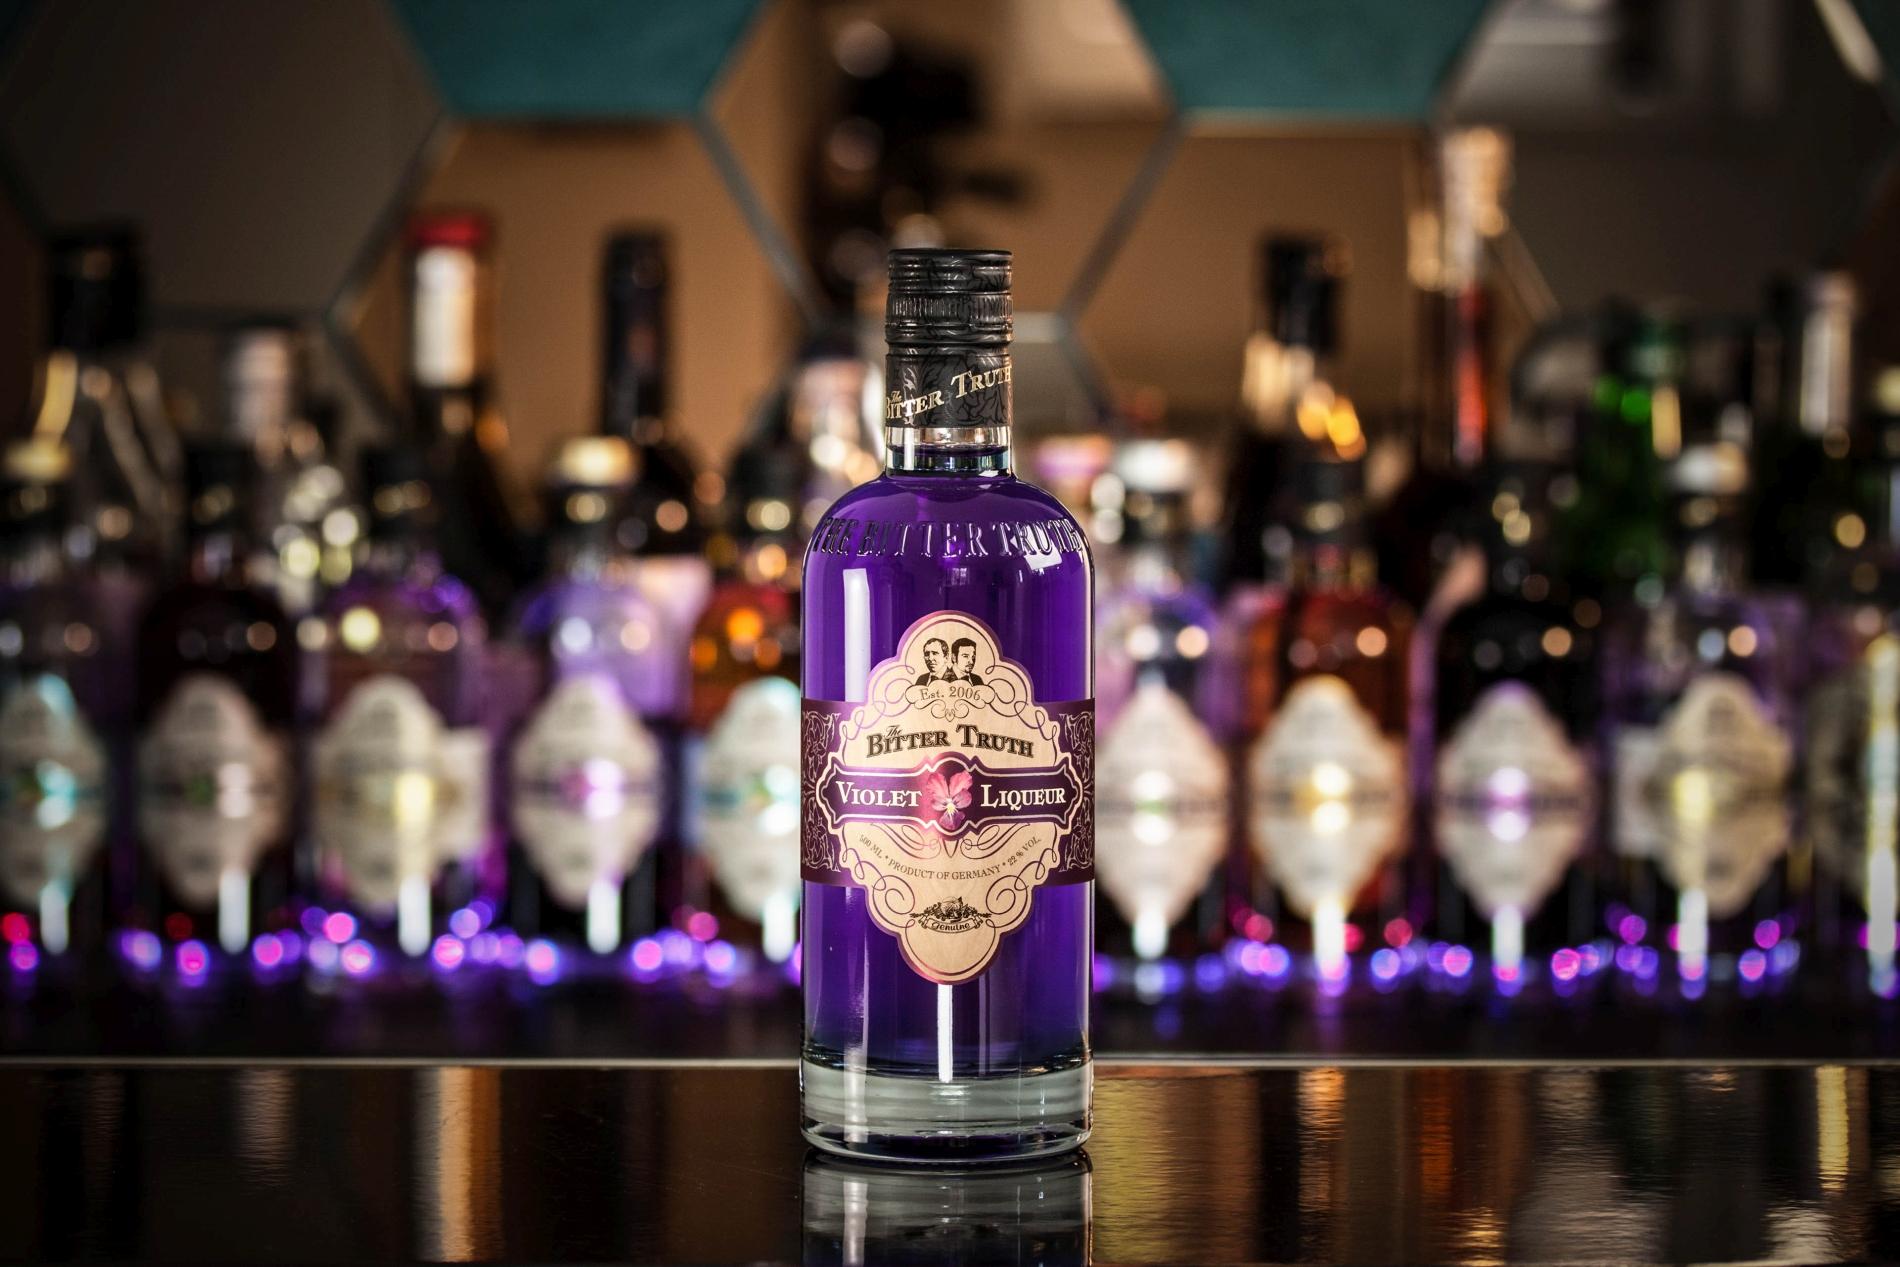 The Bitter Truth ist einer von vielen Herstellern, der die Creme de Violette Ende der 2000er wiederbelebt hat.